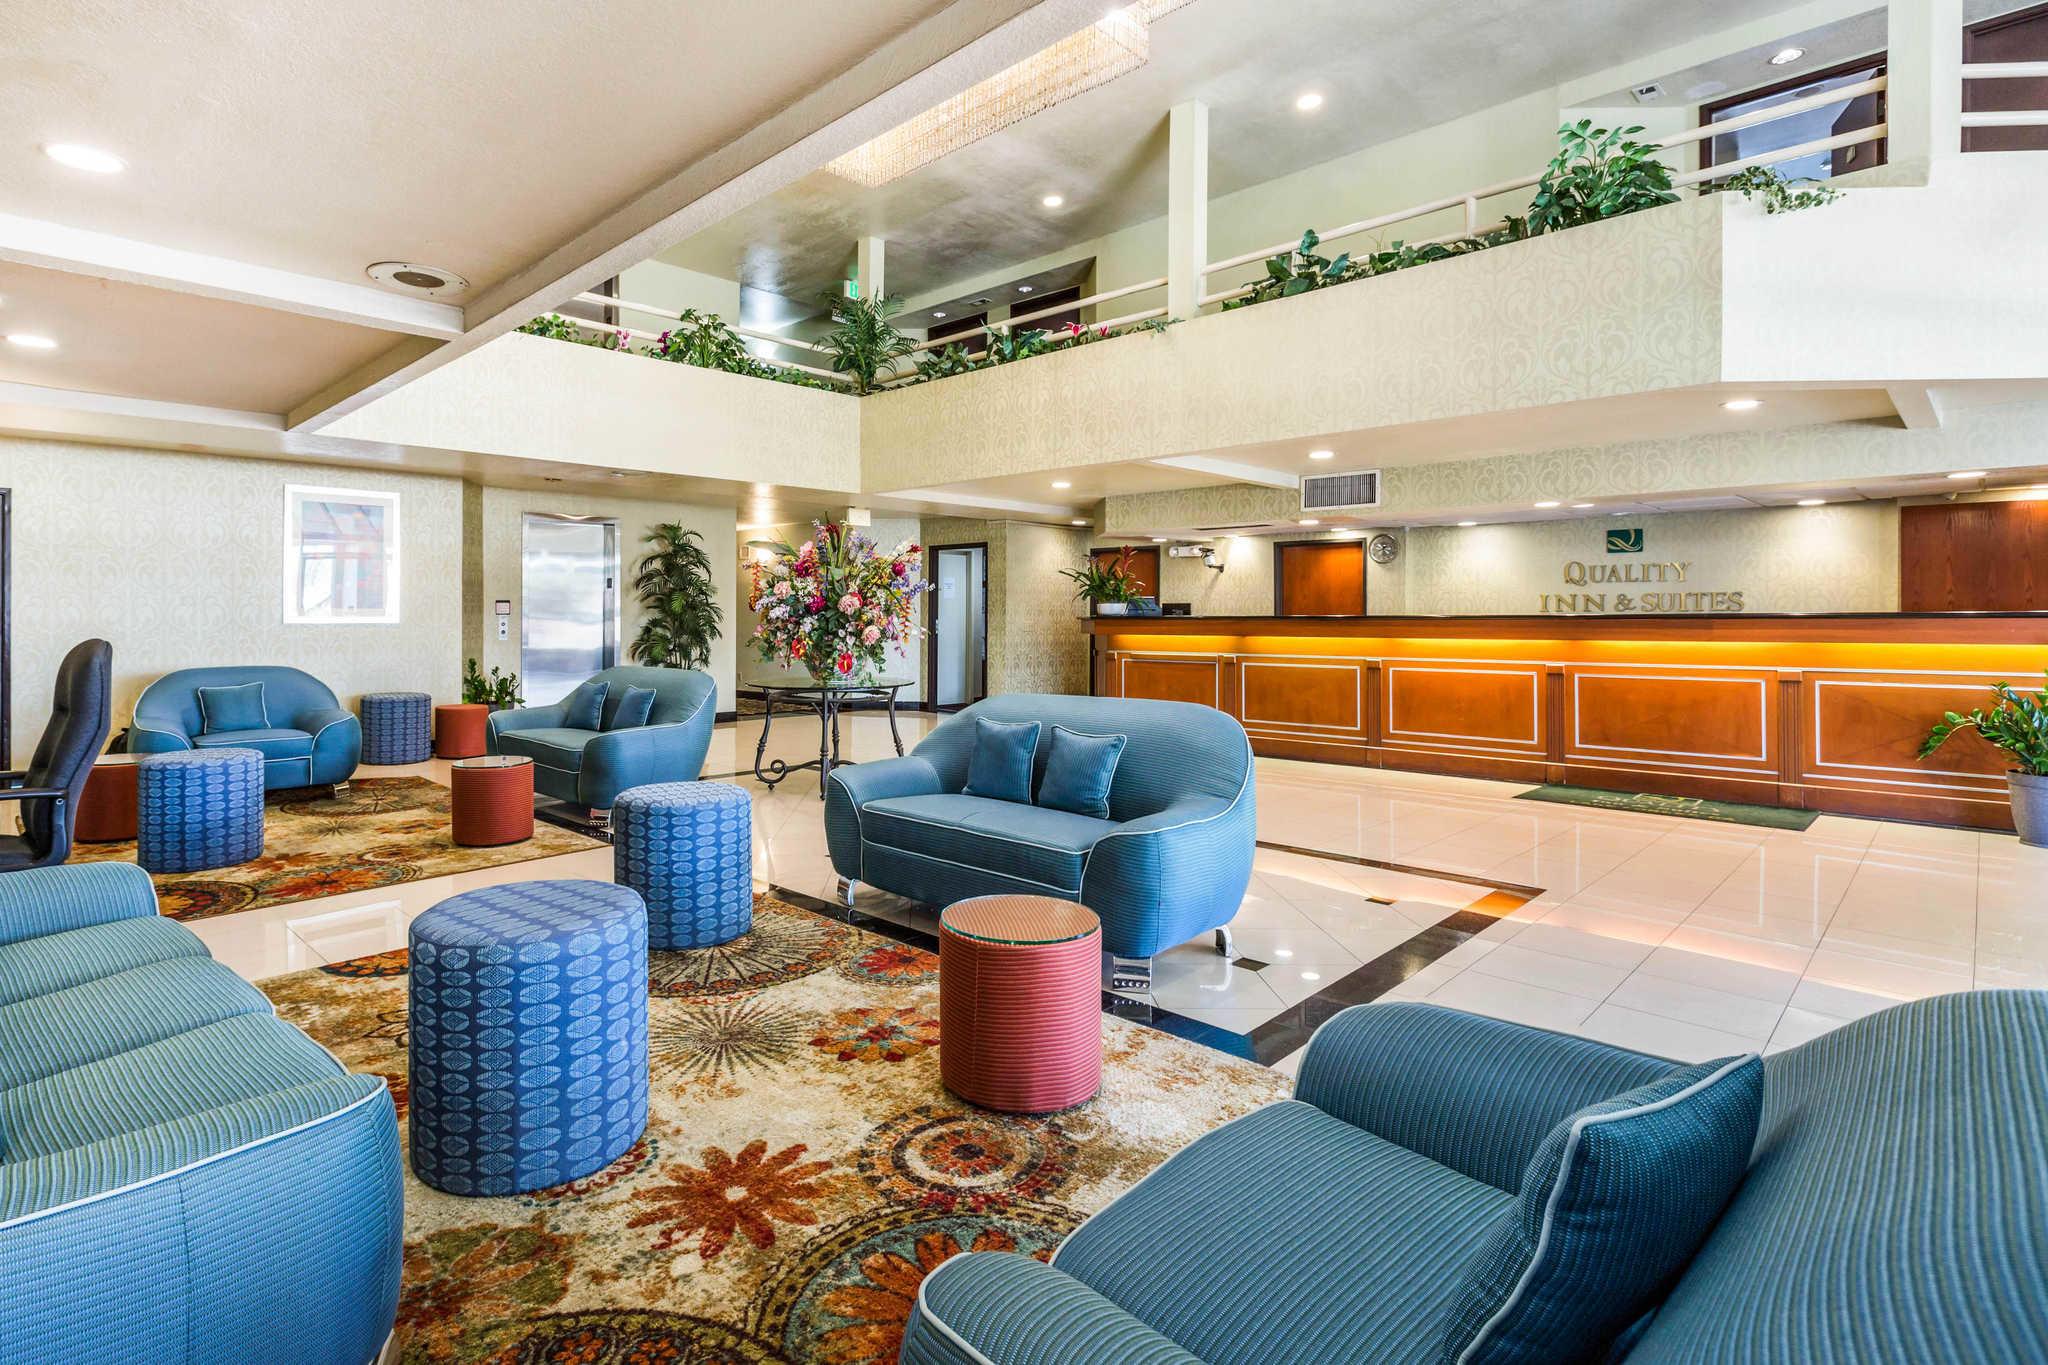 Quality Inn & Suites Irvine Spectrum image 4